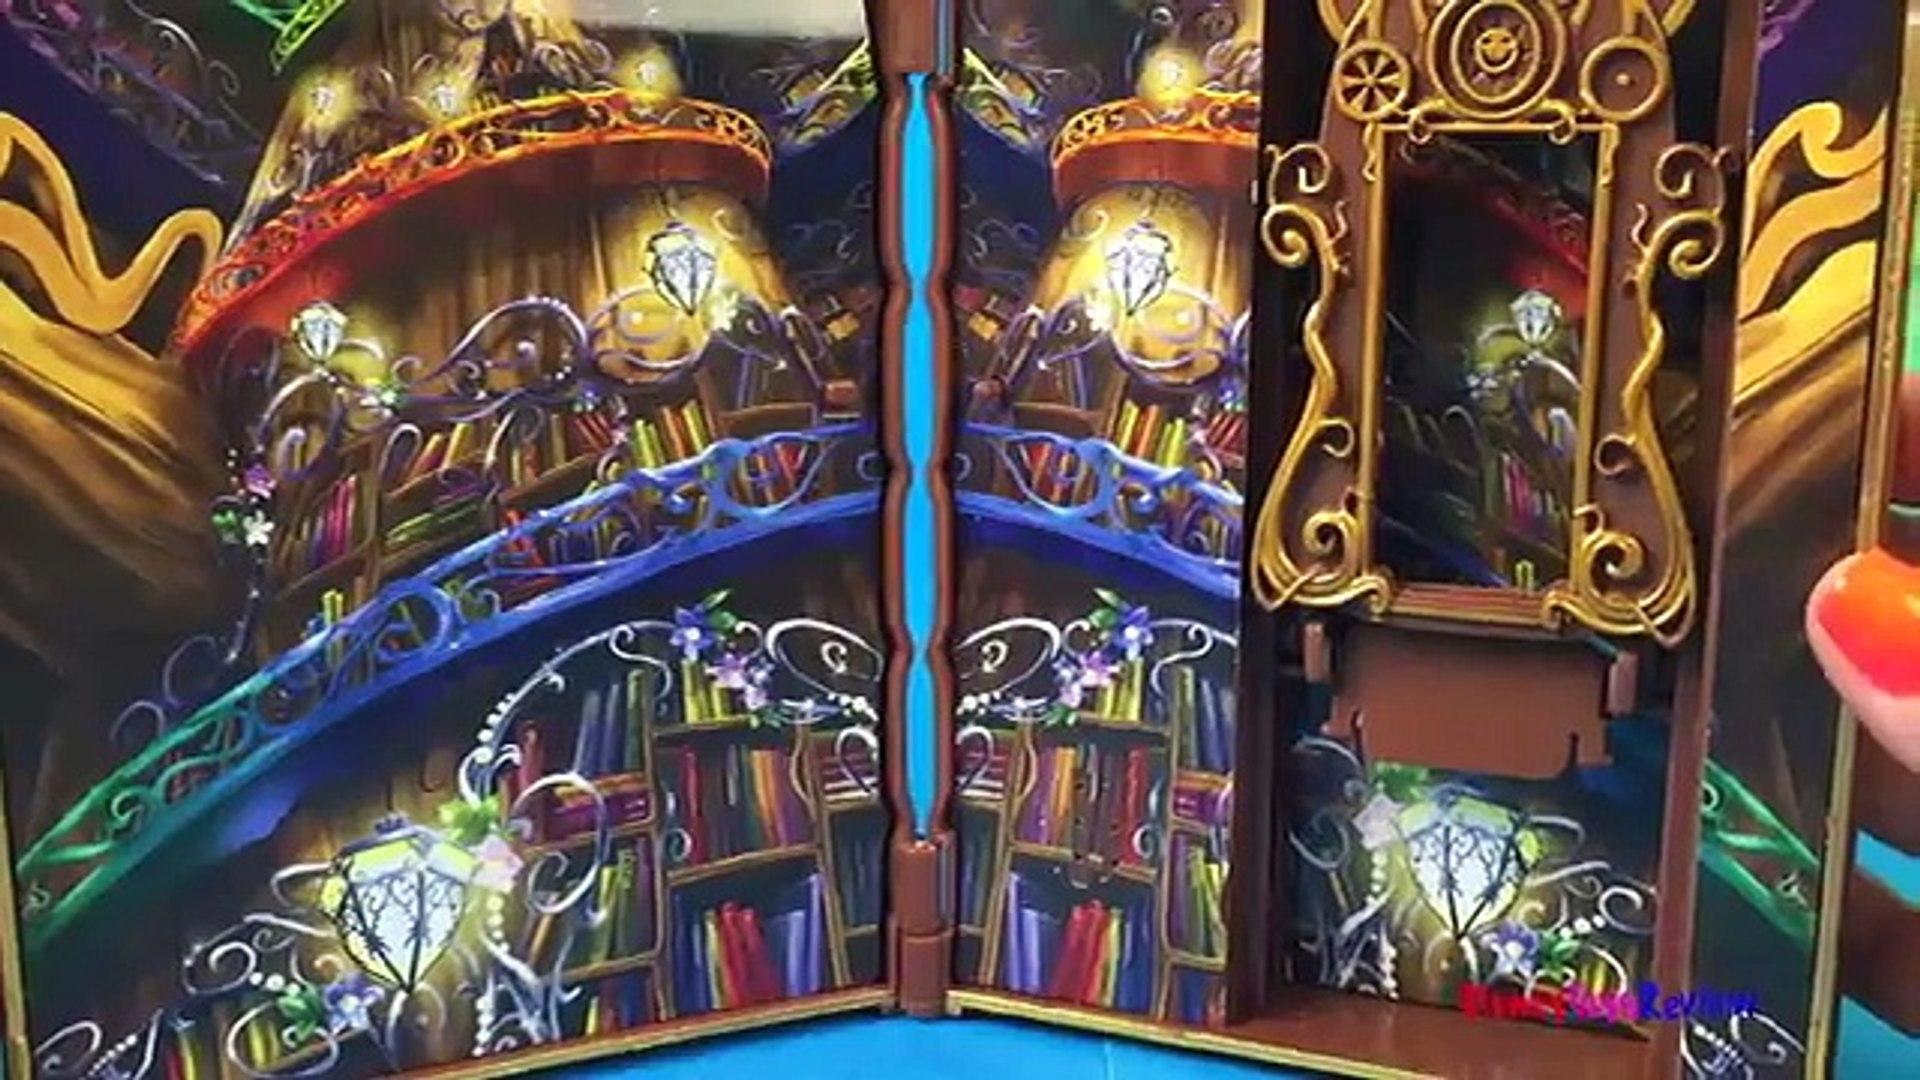 Sofia the First Secret Library Book Playset - Disney Princess Sofia Girls Toys